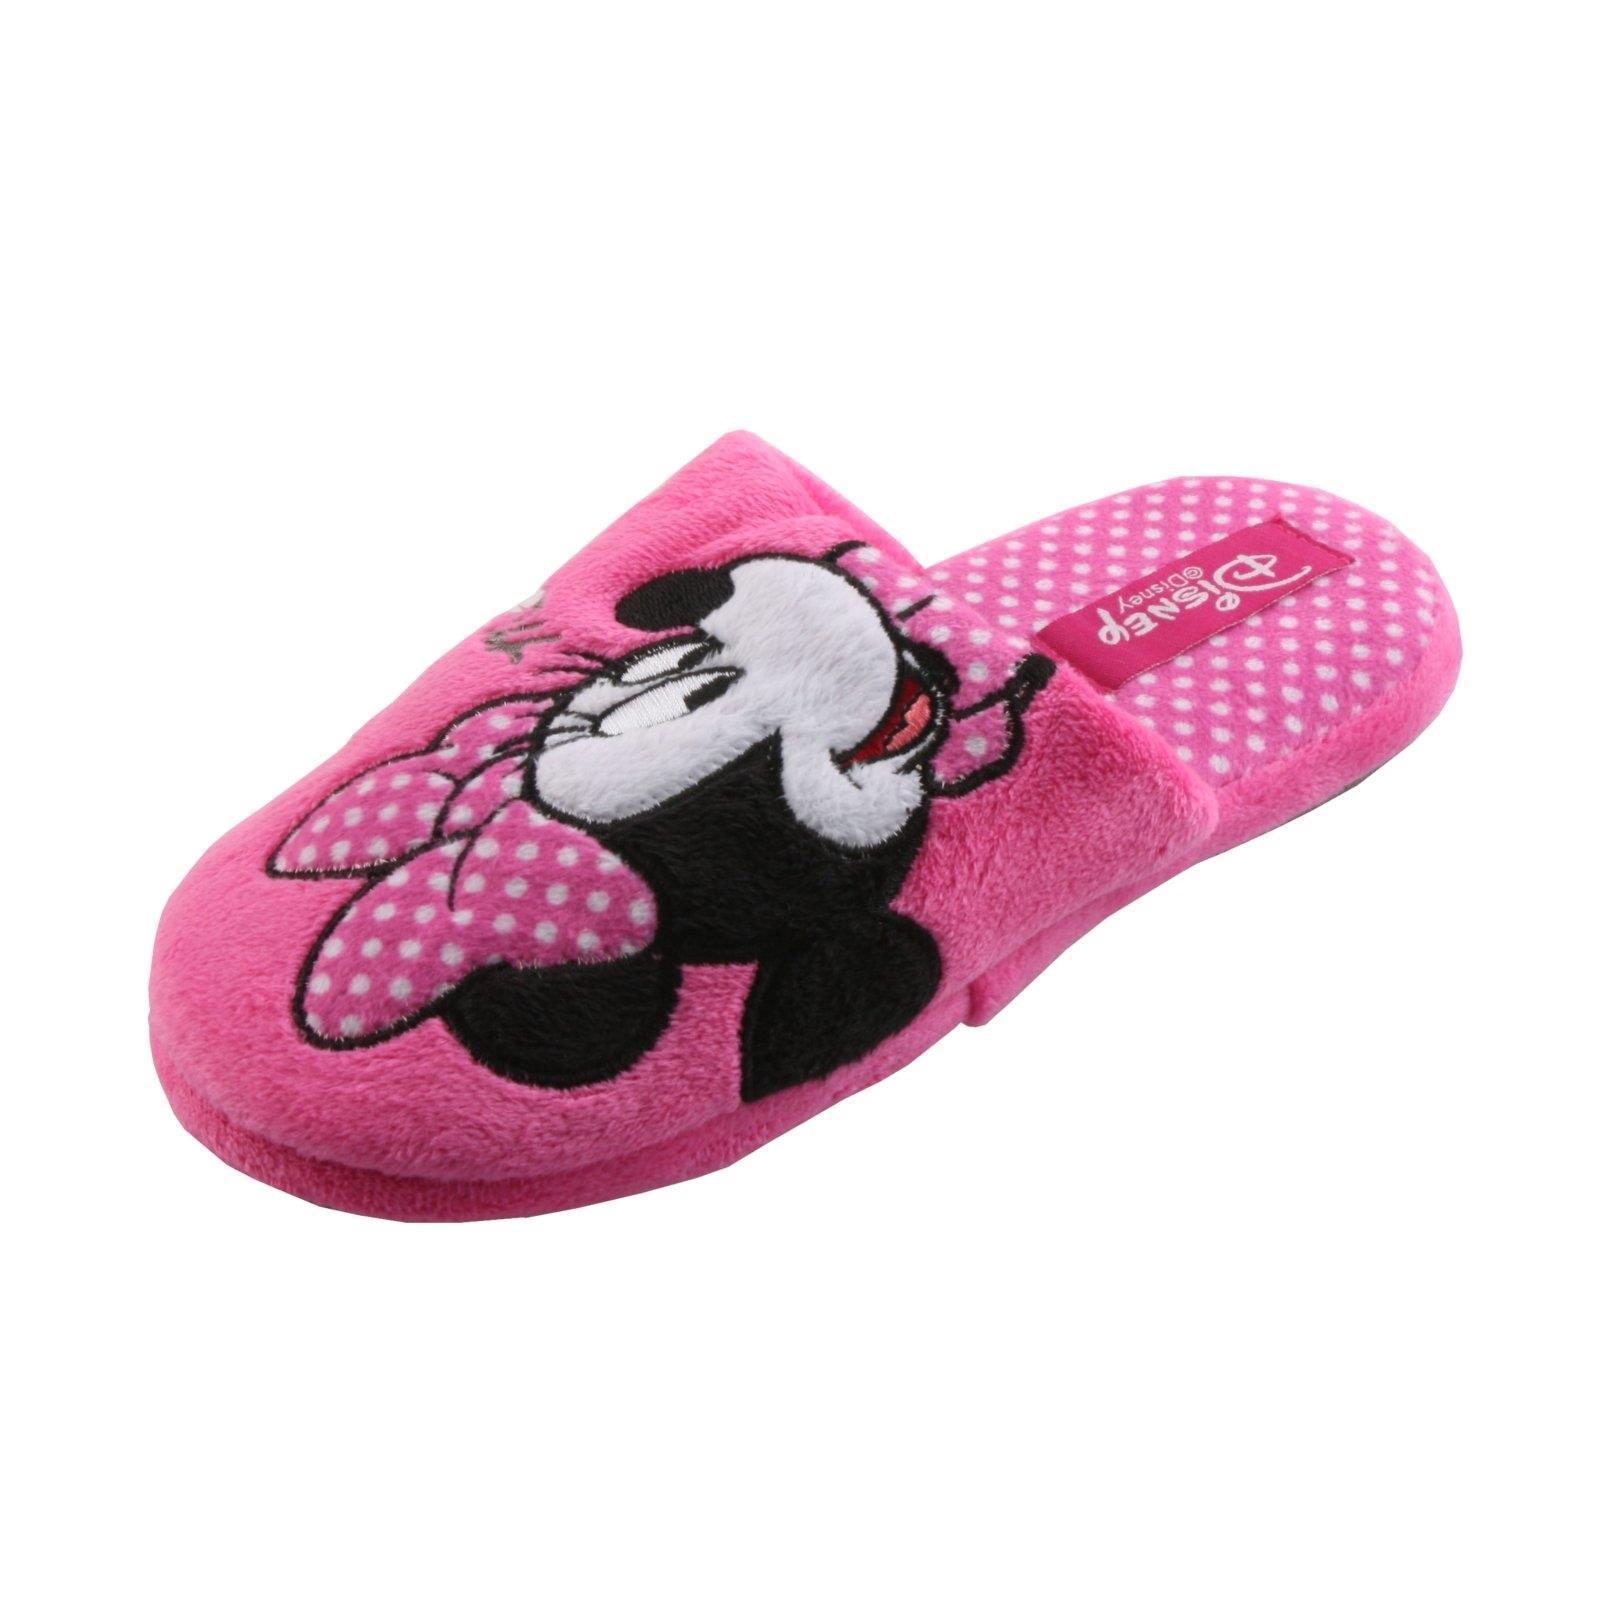 DISNEY Minnie Maus Tier Hausschuhe Pantoffel Schlappen Slipper Plüsch Mädchen